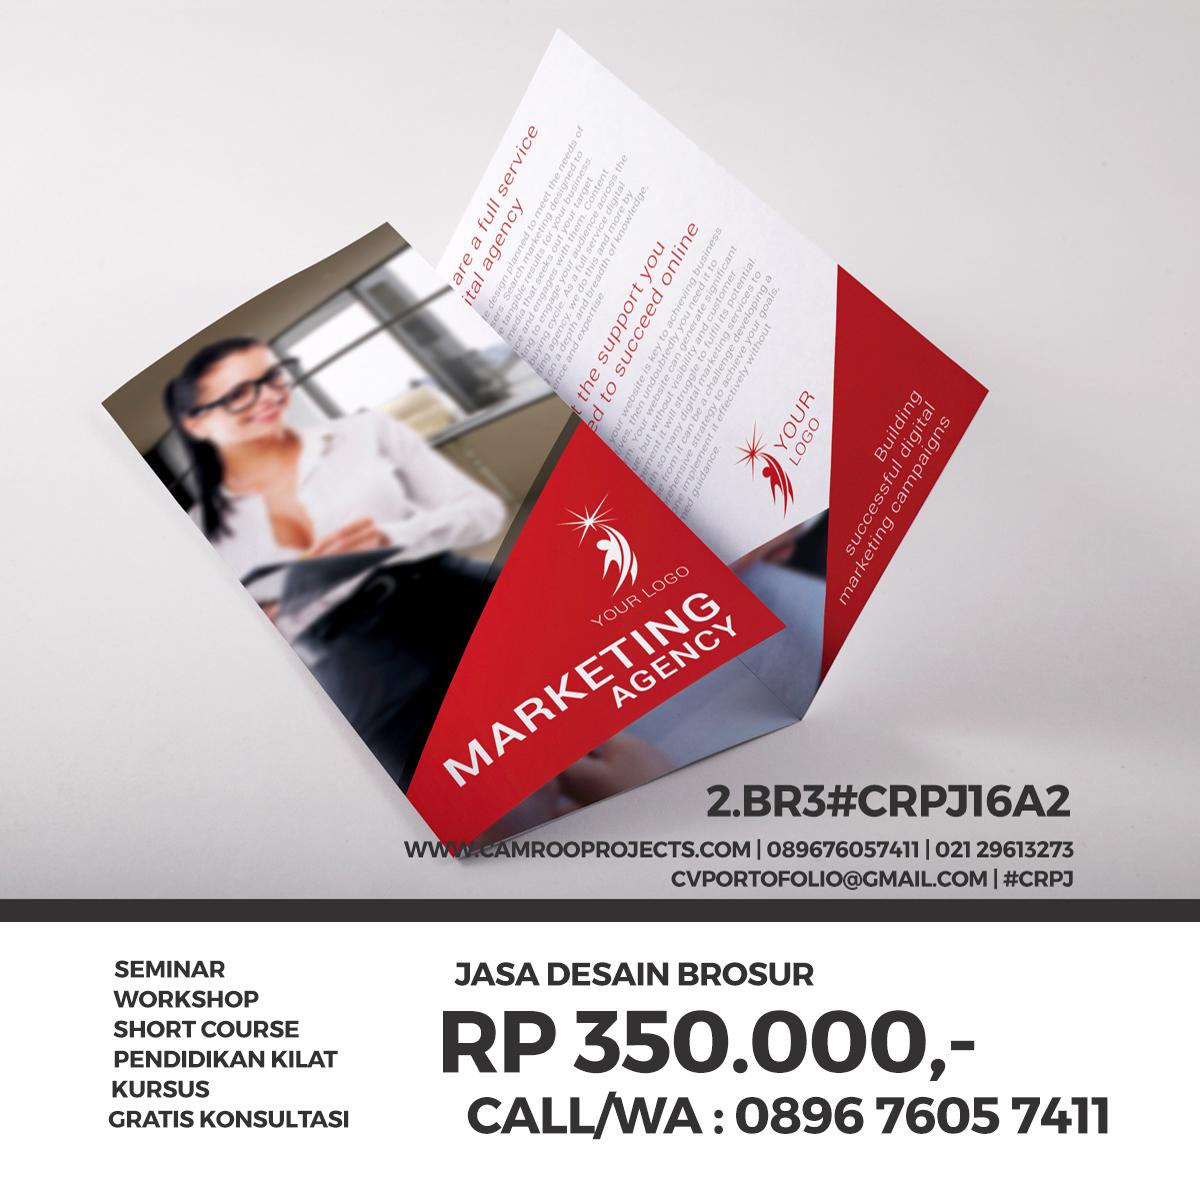 Jasa Desain Brosur/Flyer Di Tanggerang